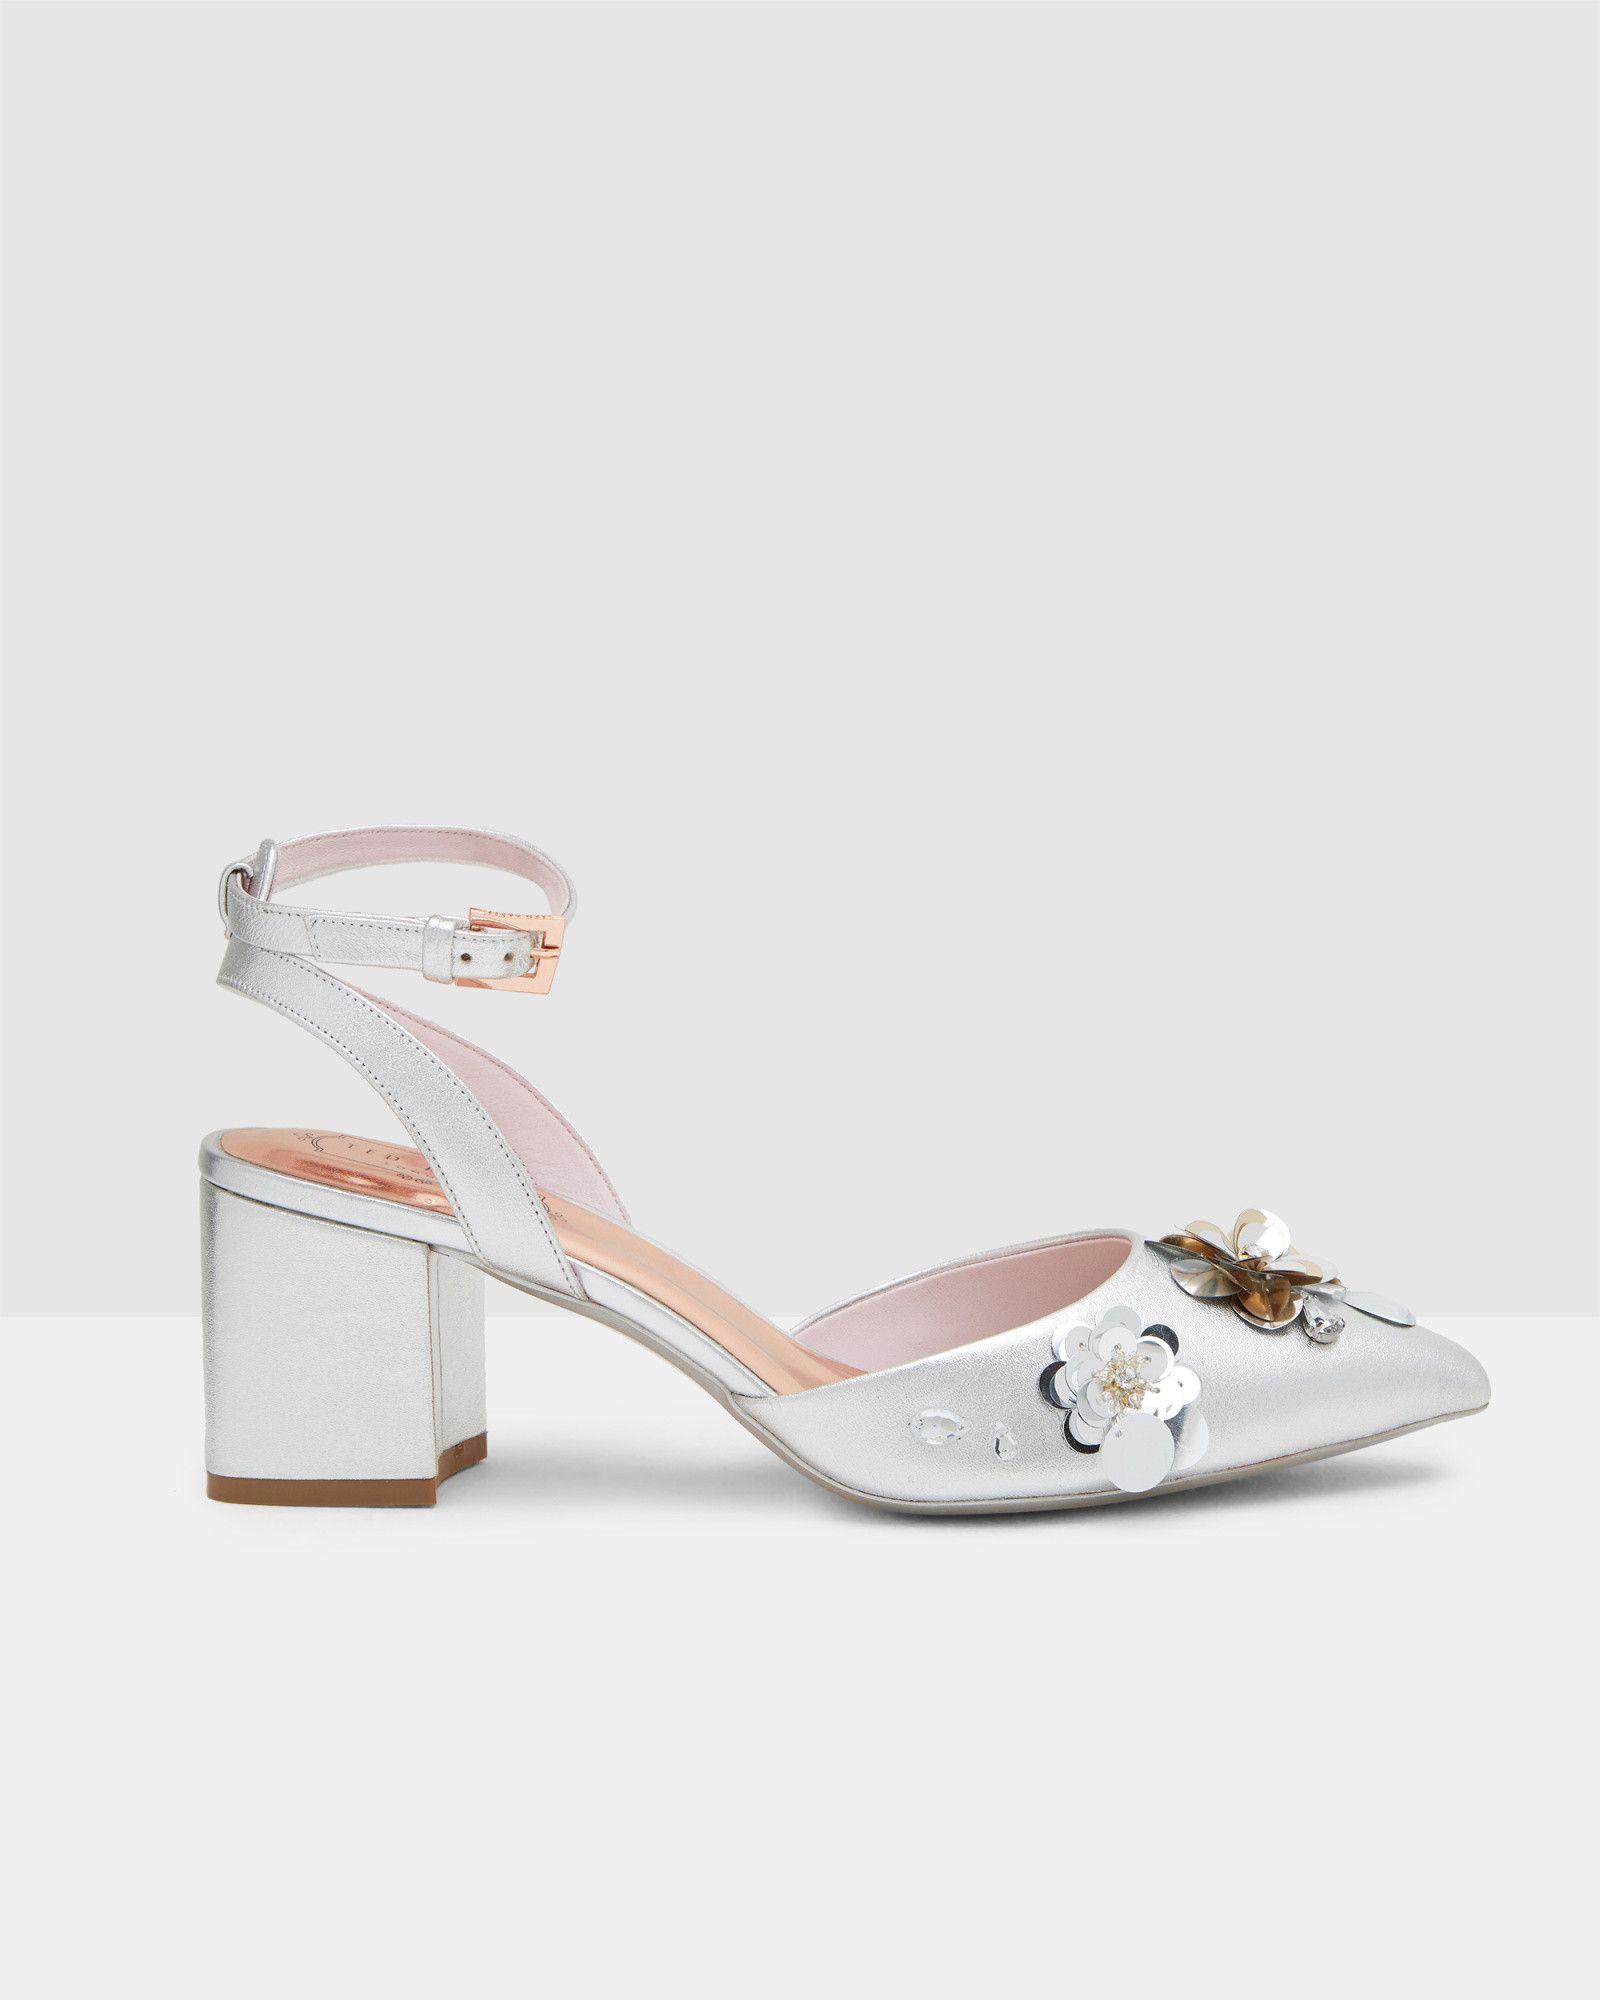 Floral embellished leather sandals